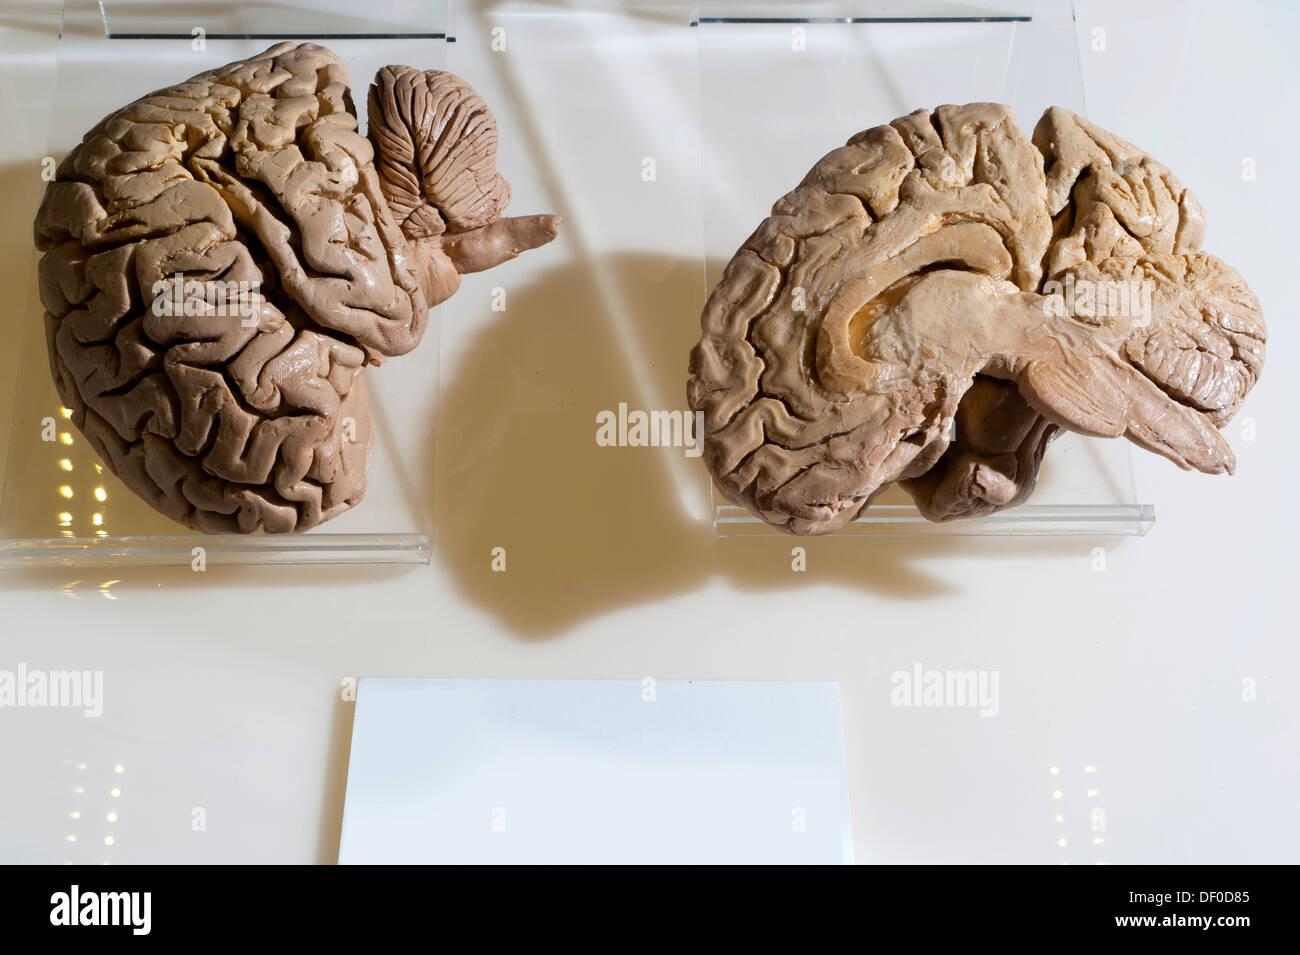 Espécimen de plastinación midsagittal cortes de cerebro humano Imagen De Stock